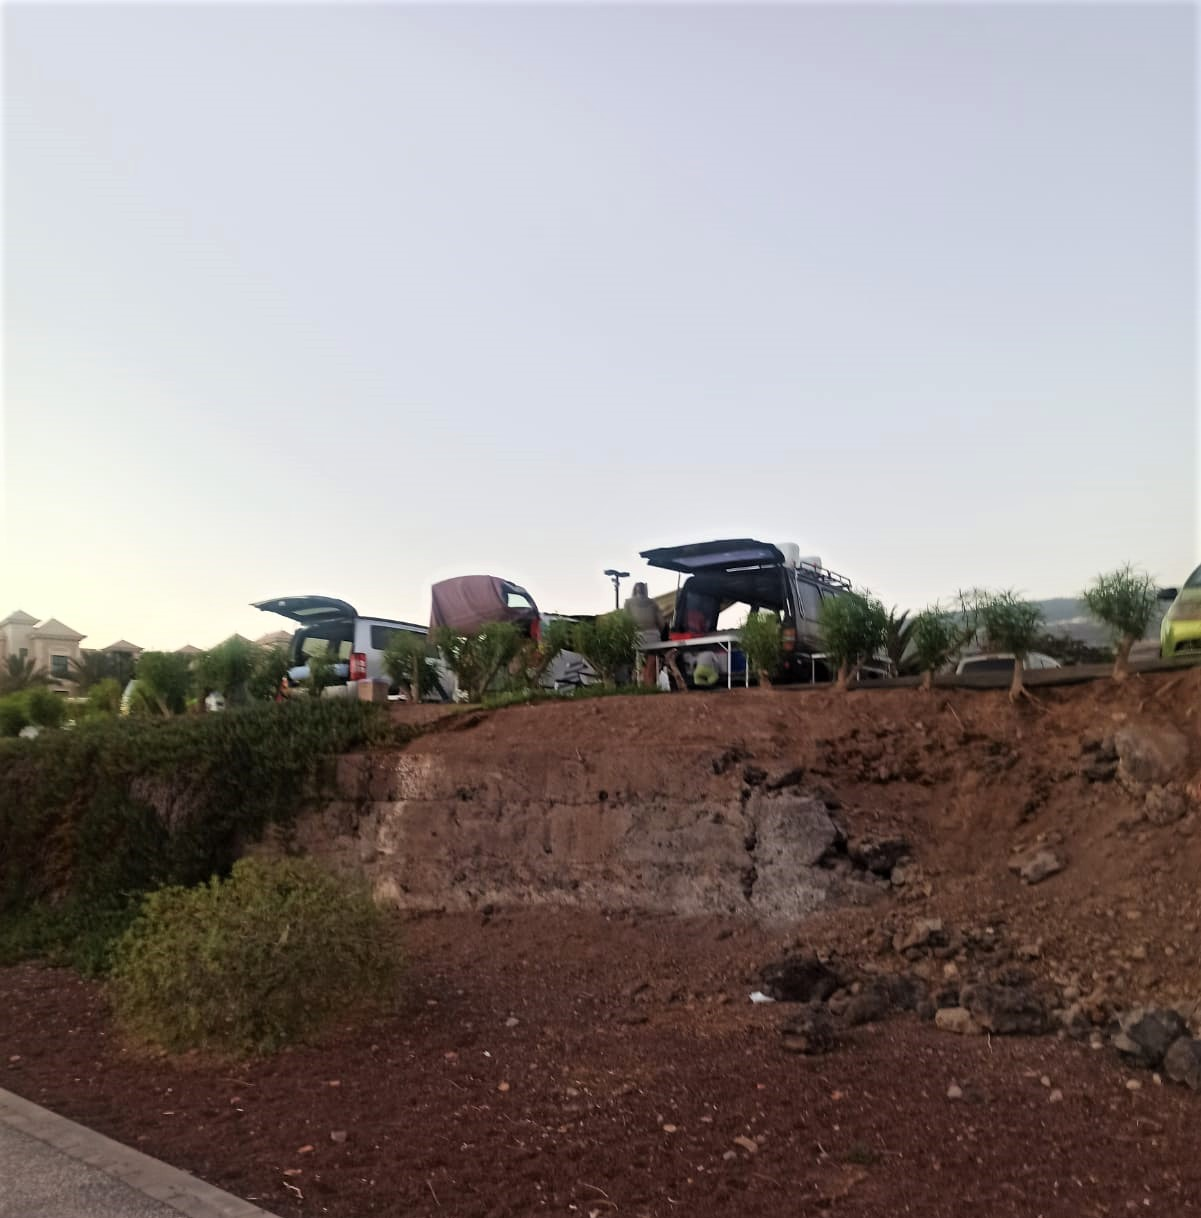 Acampada en zona no autorizada